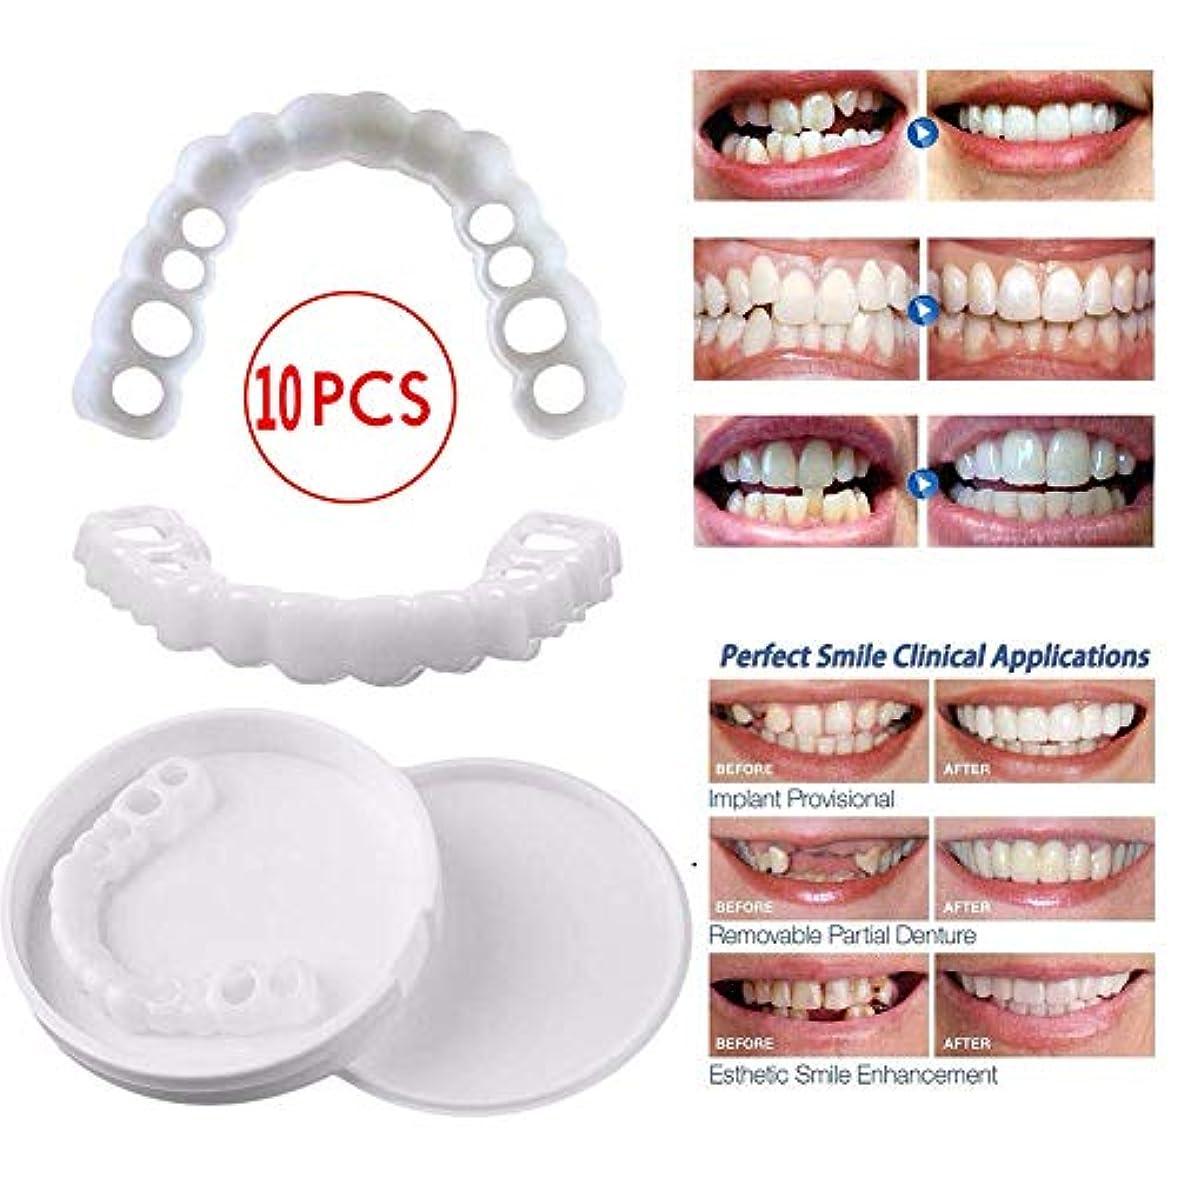 信じる責任者アフリカ人10個の一時的な歯のホワイトニング、歯の一時的な化粧品の歯の義歯歯の化粧品の収納ボックス付き偽の歯カバー,10pcsupperteeth